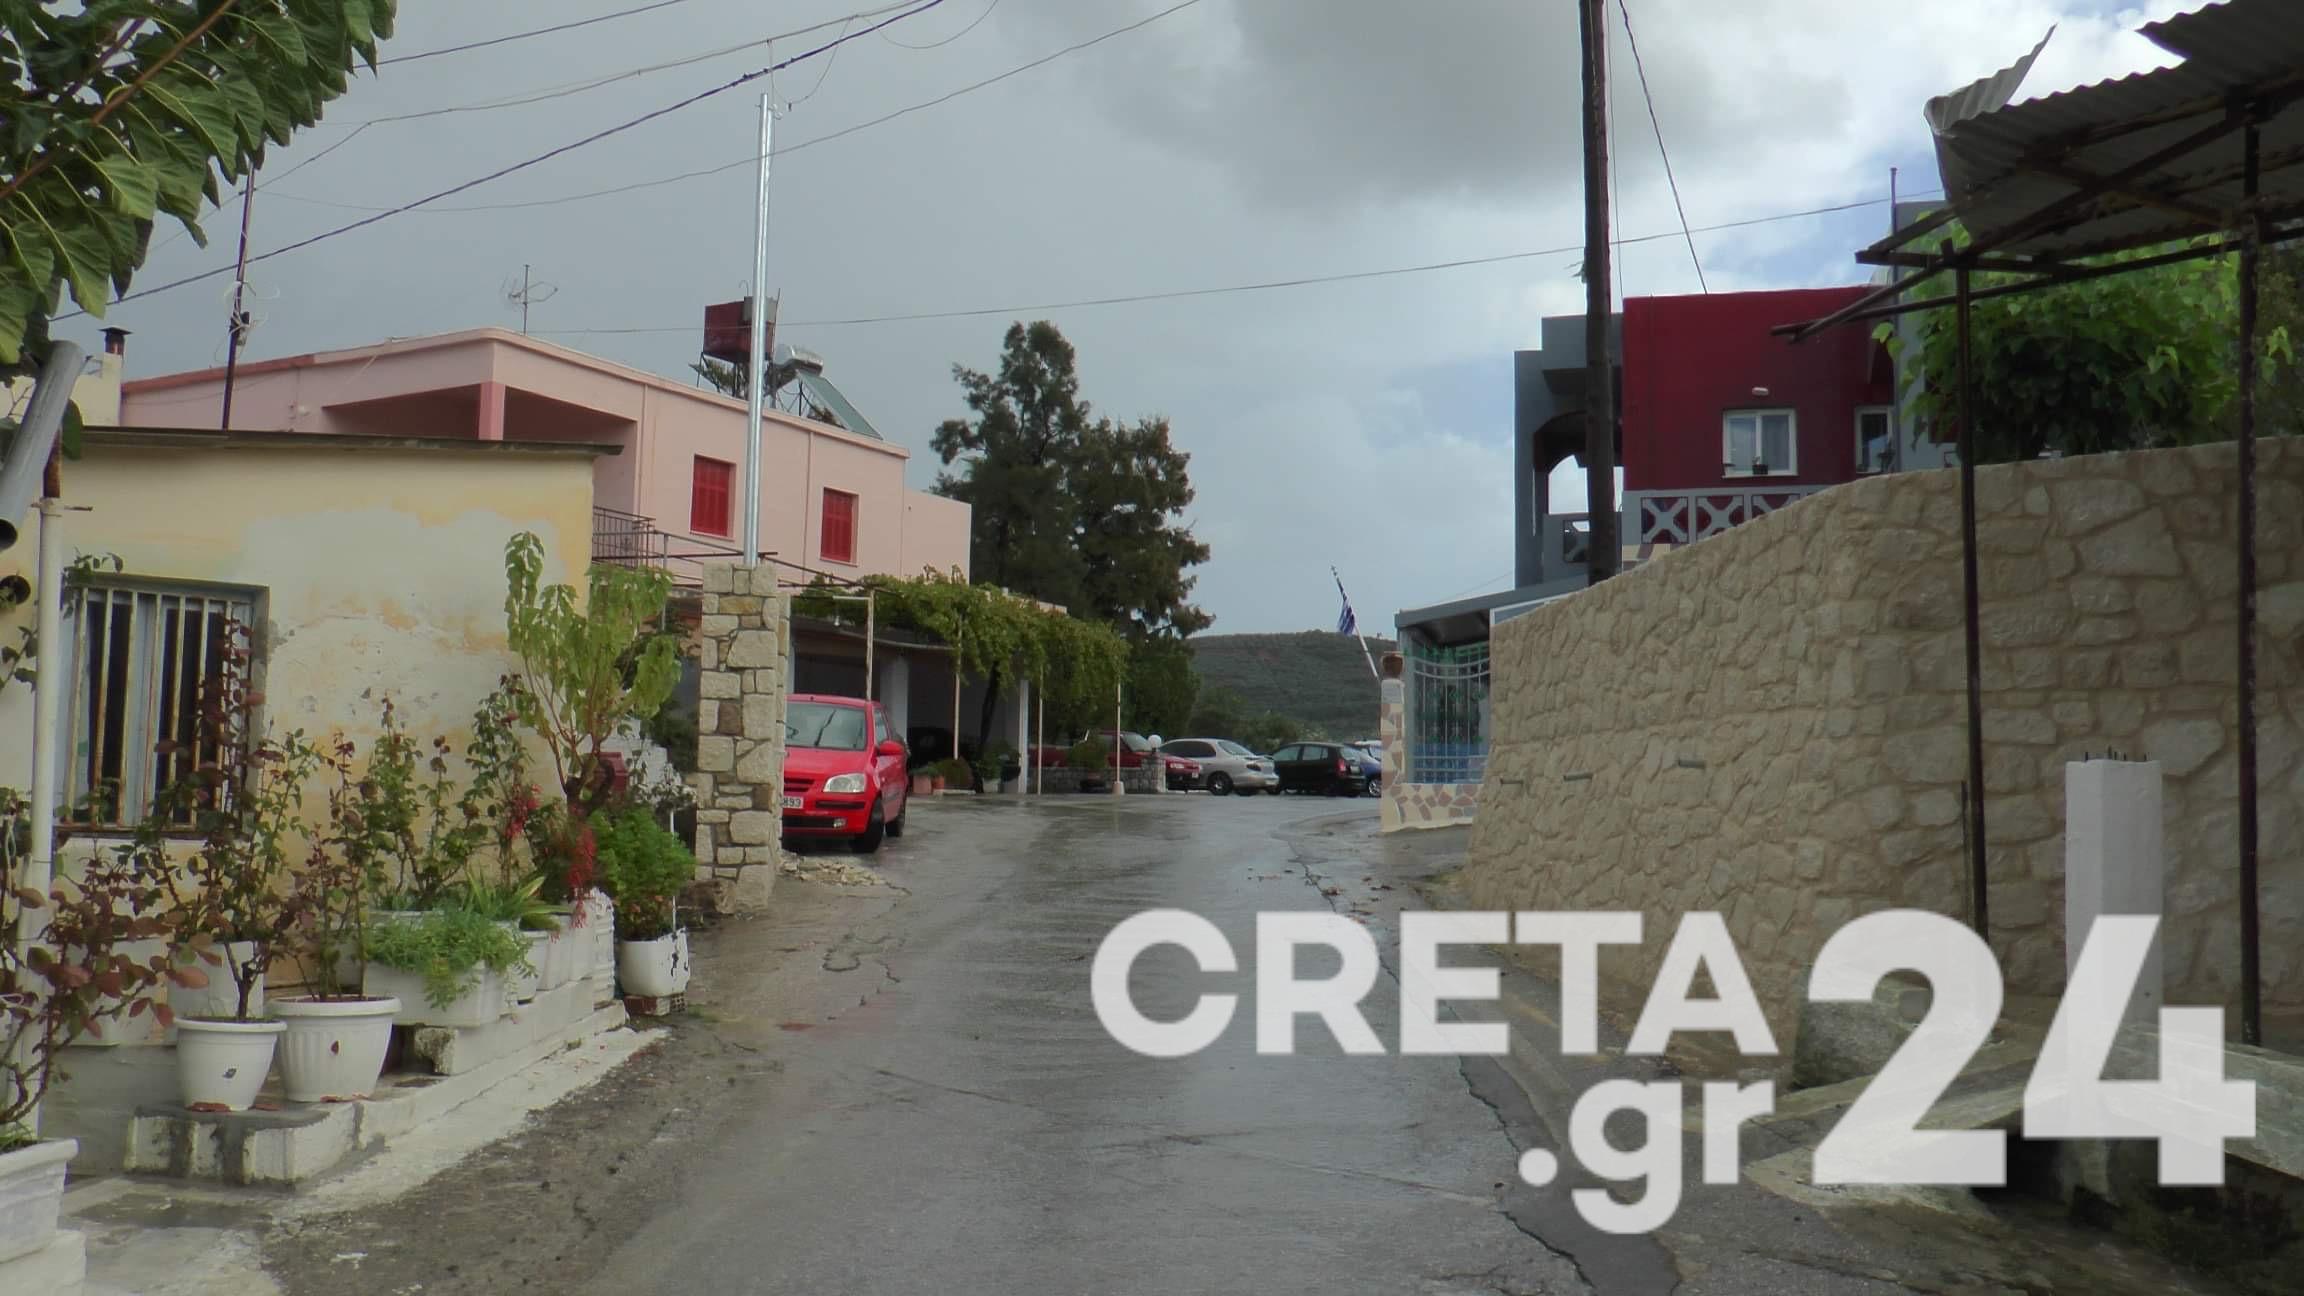 Διπλή δολοφονία στην Κρήτη: Σε κλίμα οδύνης αποχαιρέτησαν τον 82χρονο (εικόνες)